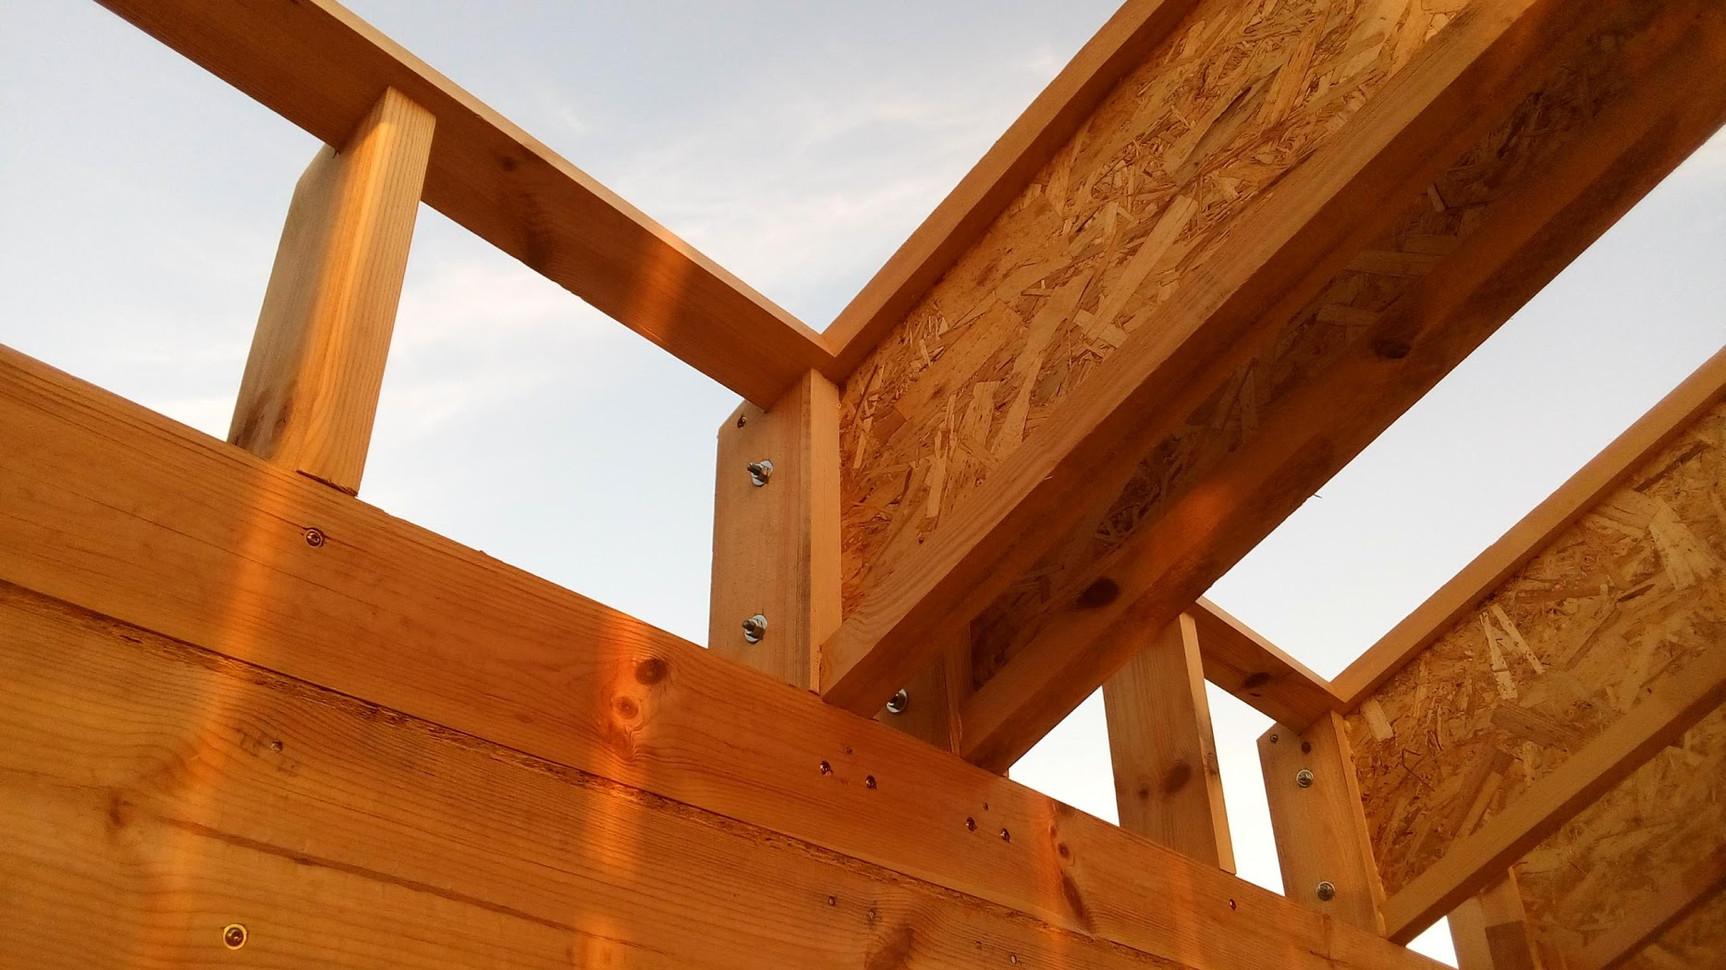 Тот же узел, изнутри дома. Поперечная доска - это обрамление будущего мансардного окна.